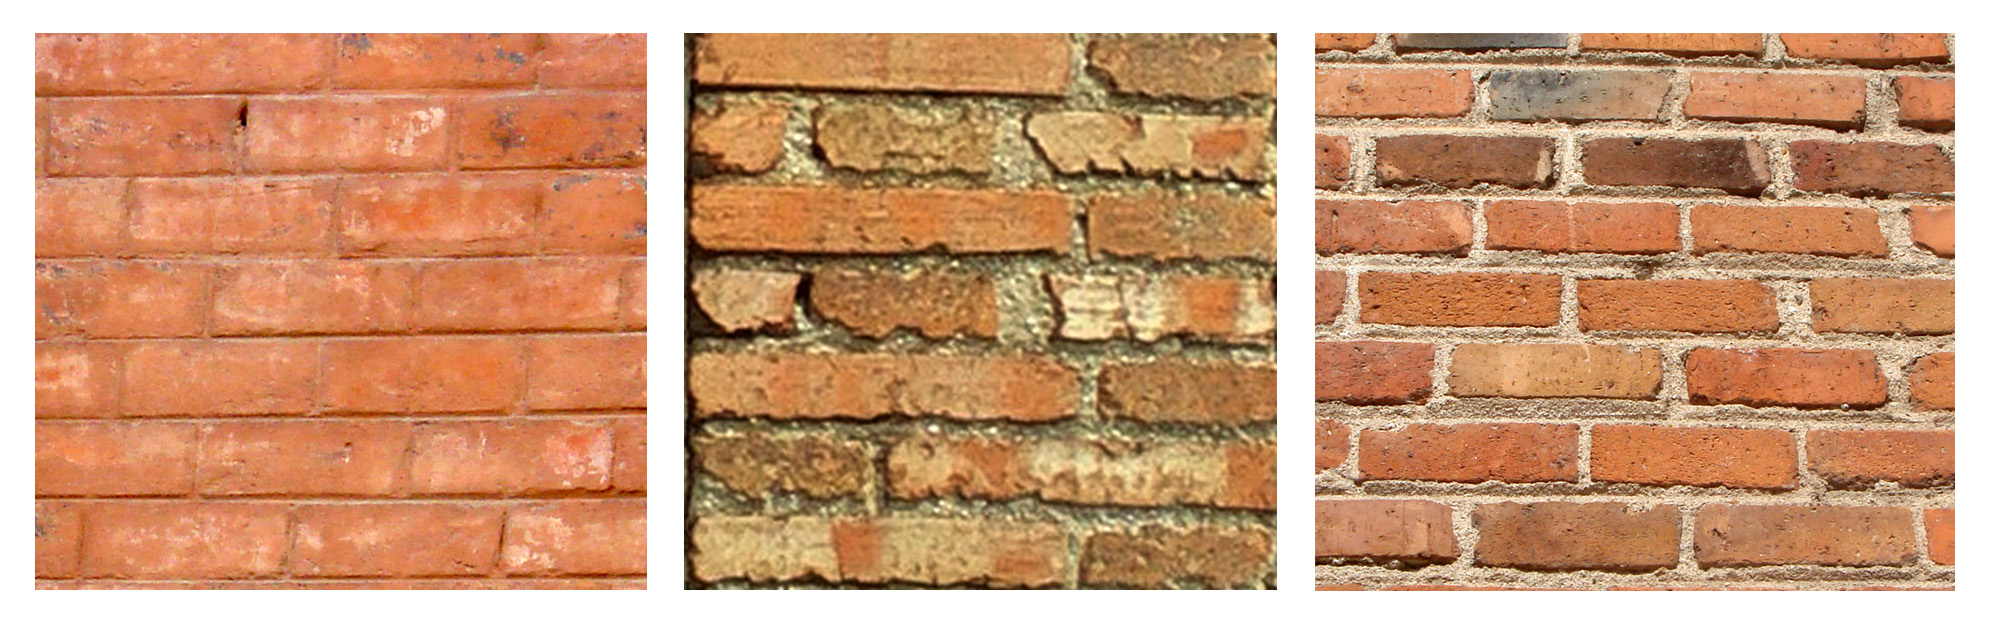 Tipos de ladrillos para fachadas latest fachada colegio - Ladrillos a la vista ...